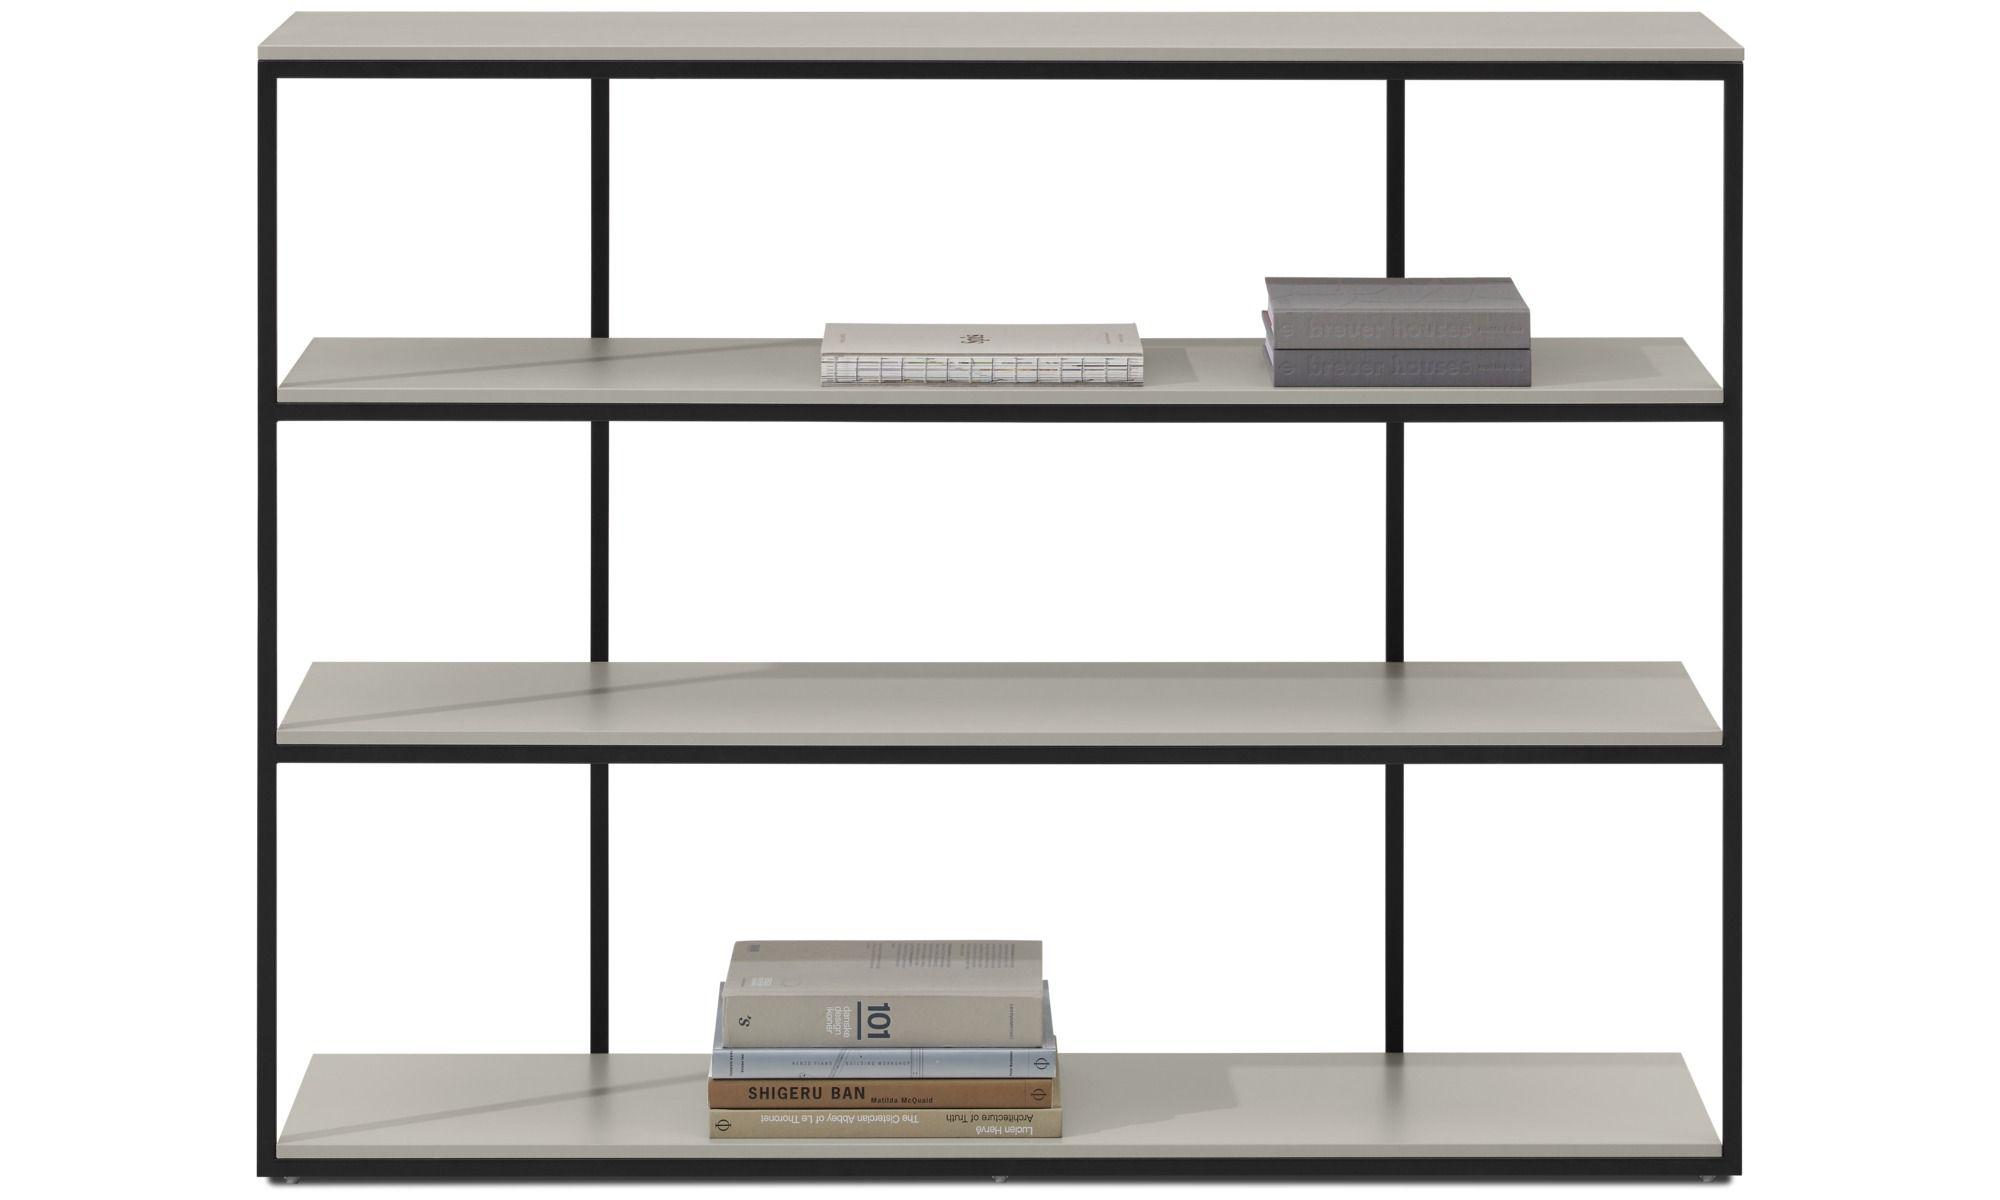 Console Bordeaux In 2020 Storage Shelves Home Decor Shelves